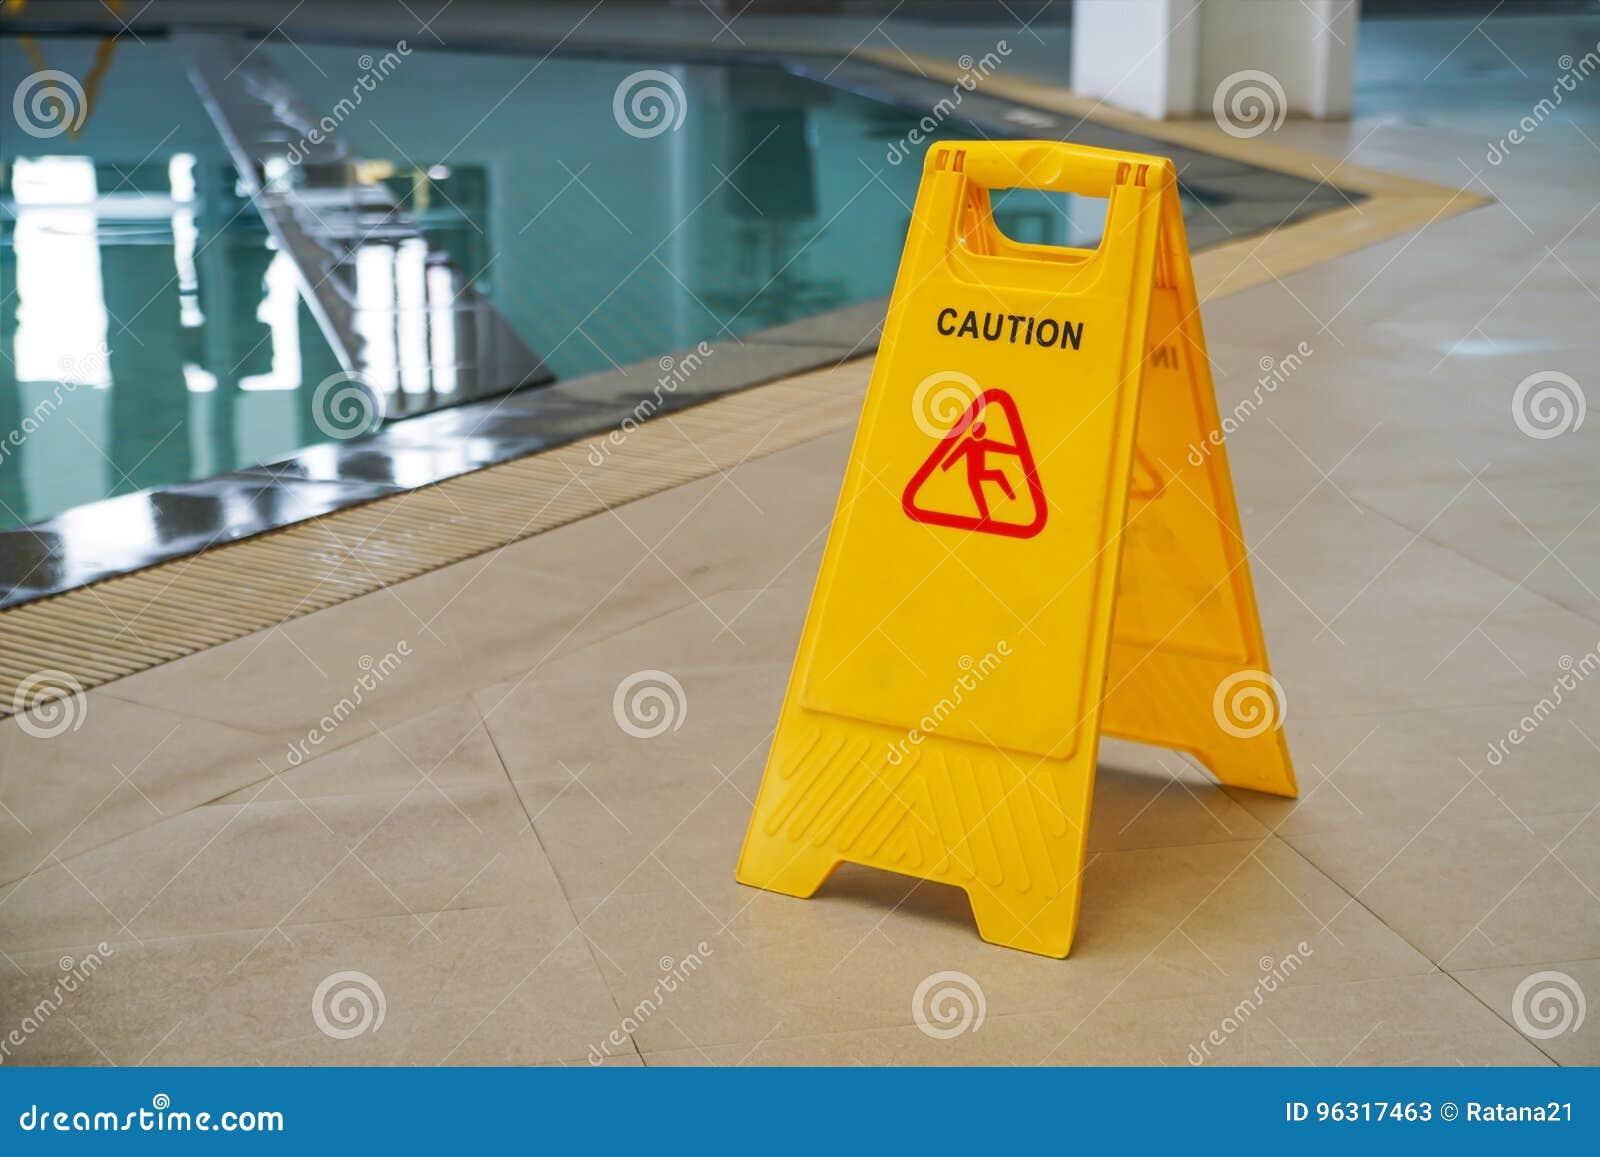 Ostrożność mokry podłogowy znak ostrzegawczy na żółtej klingeryt desce